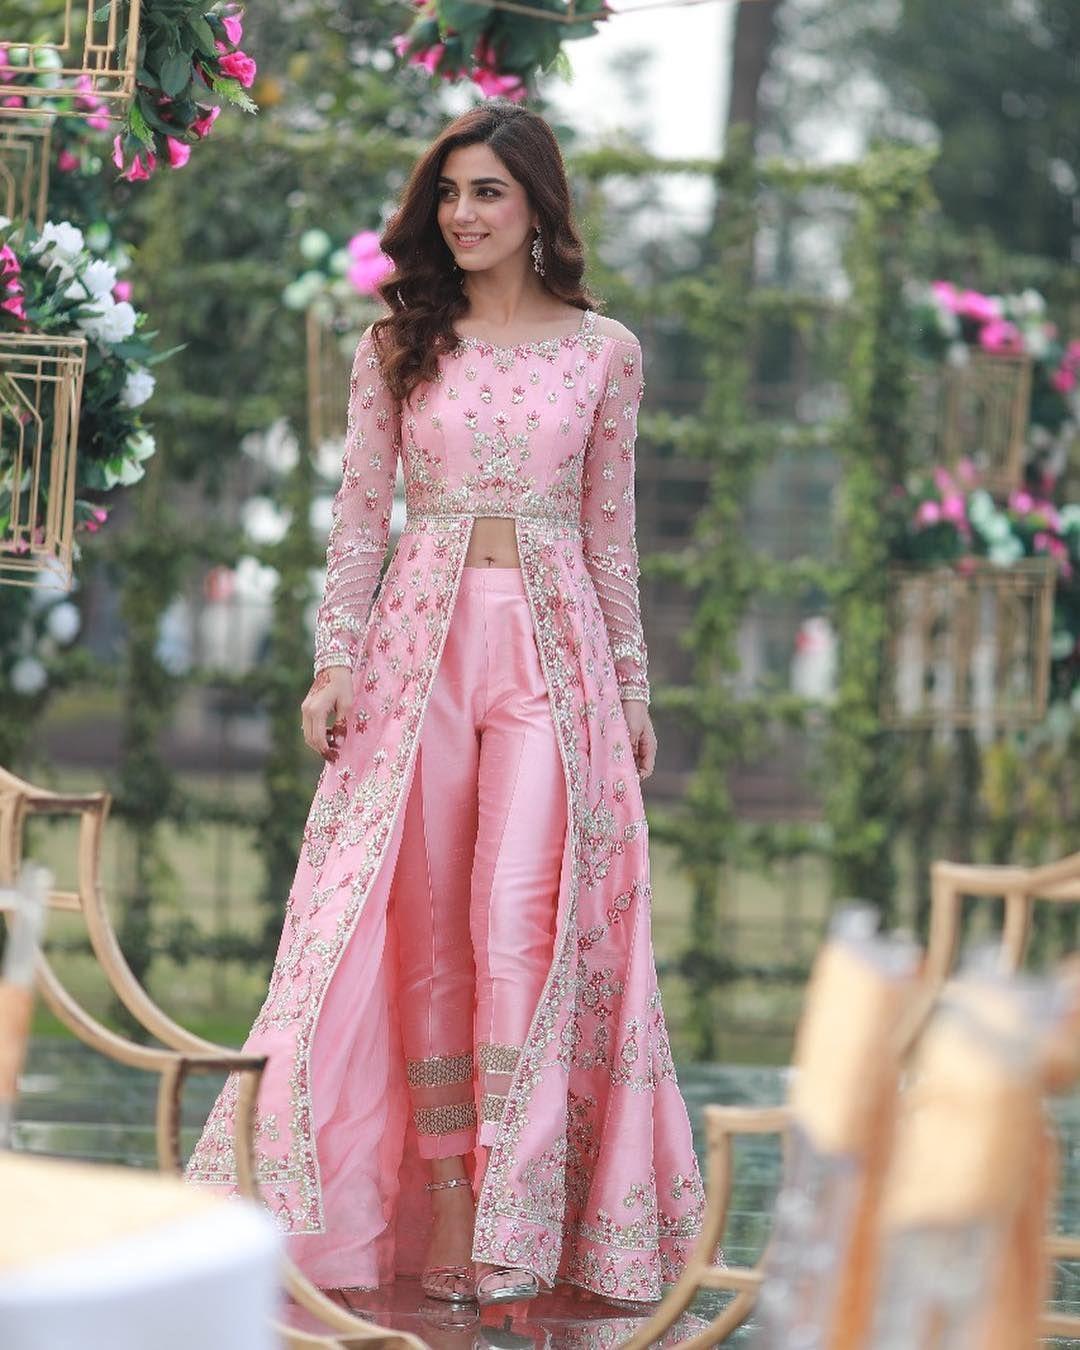 ea1c99d44a Sharara designs | latest trends | Bridal wear | bridal trousseau | Latest  trends | Wedding trends | Sharara designs